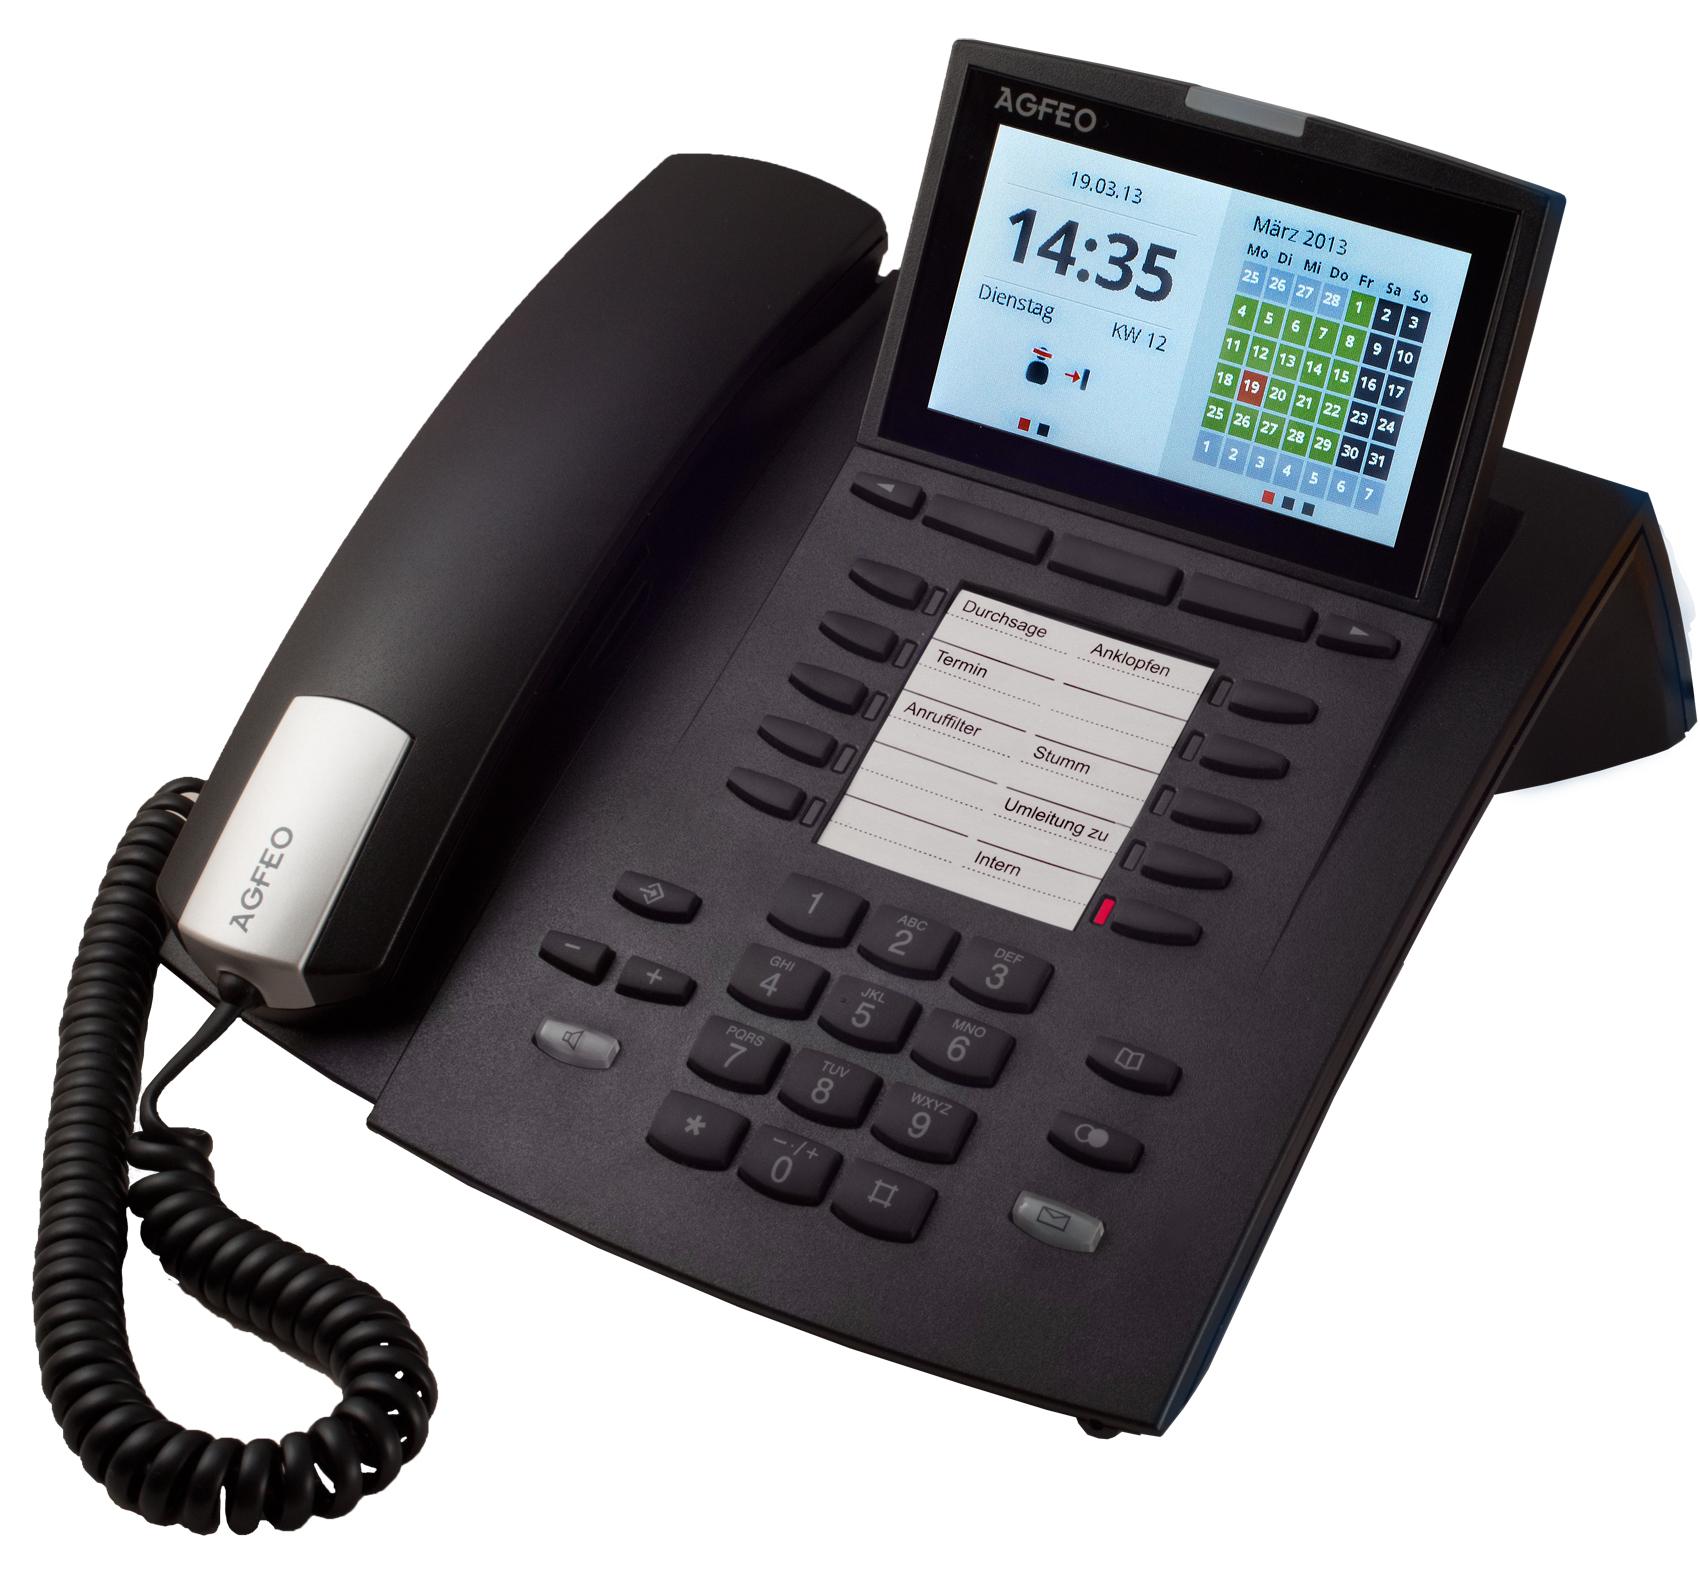 Bild AGFEO Systemtelefon ST 45 AB in schwarz